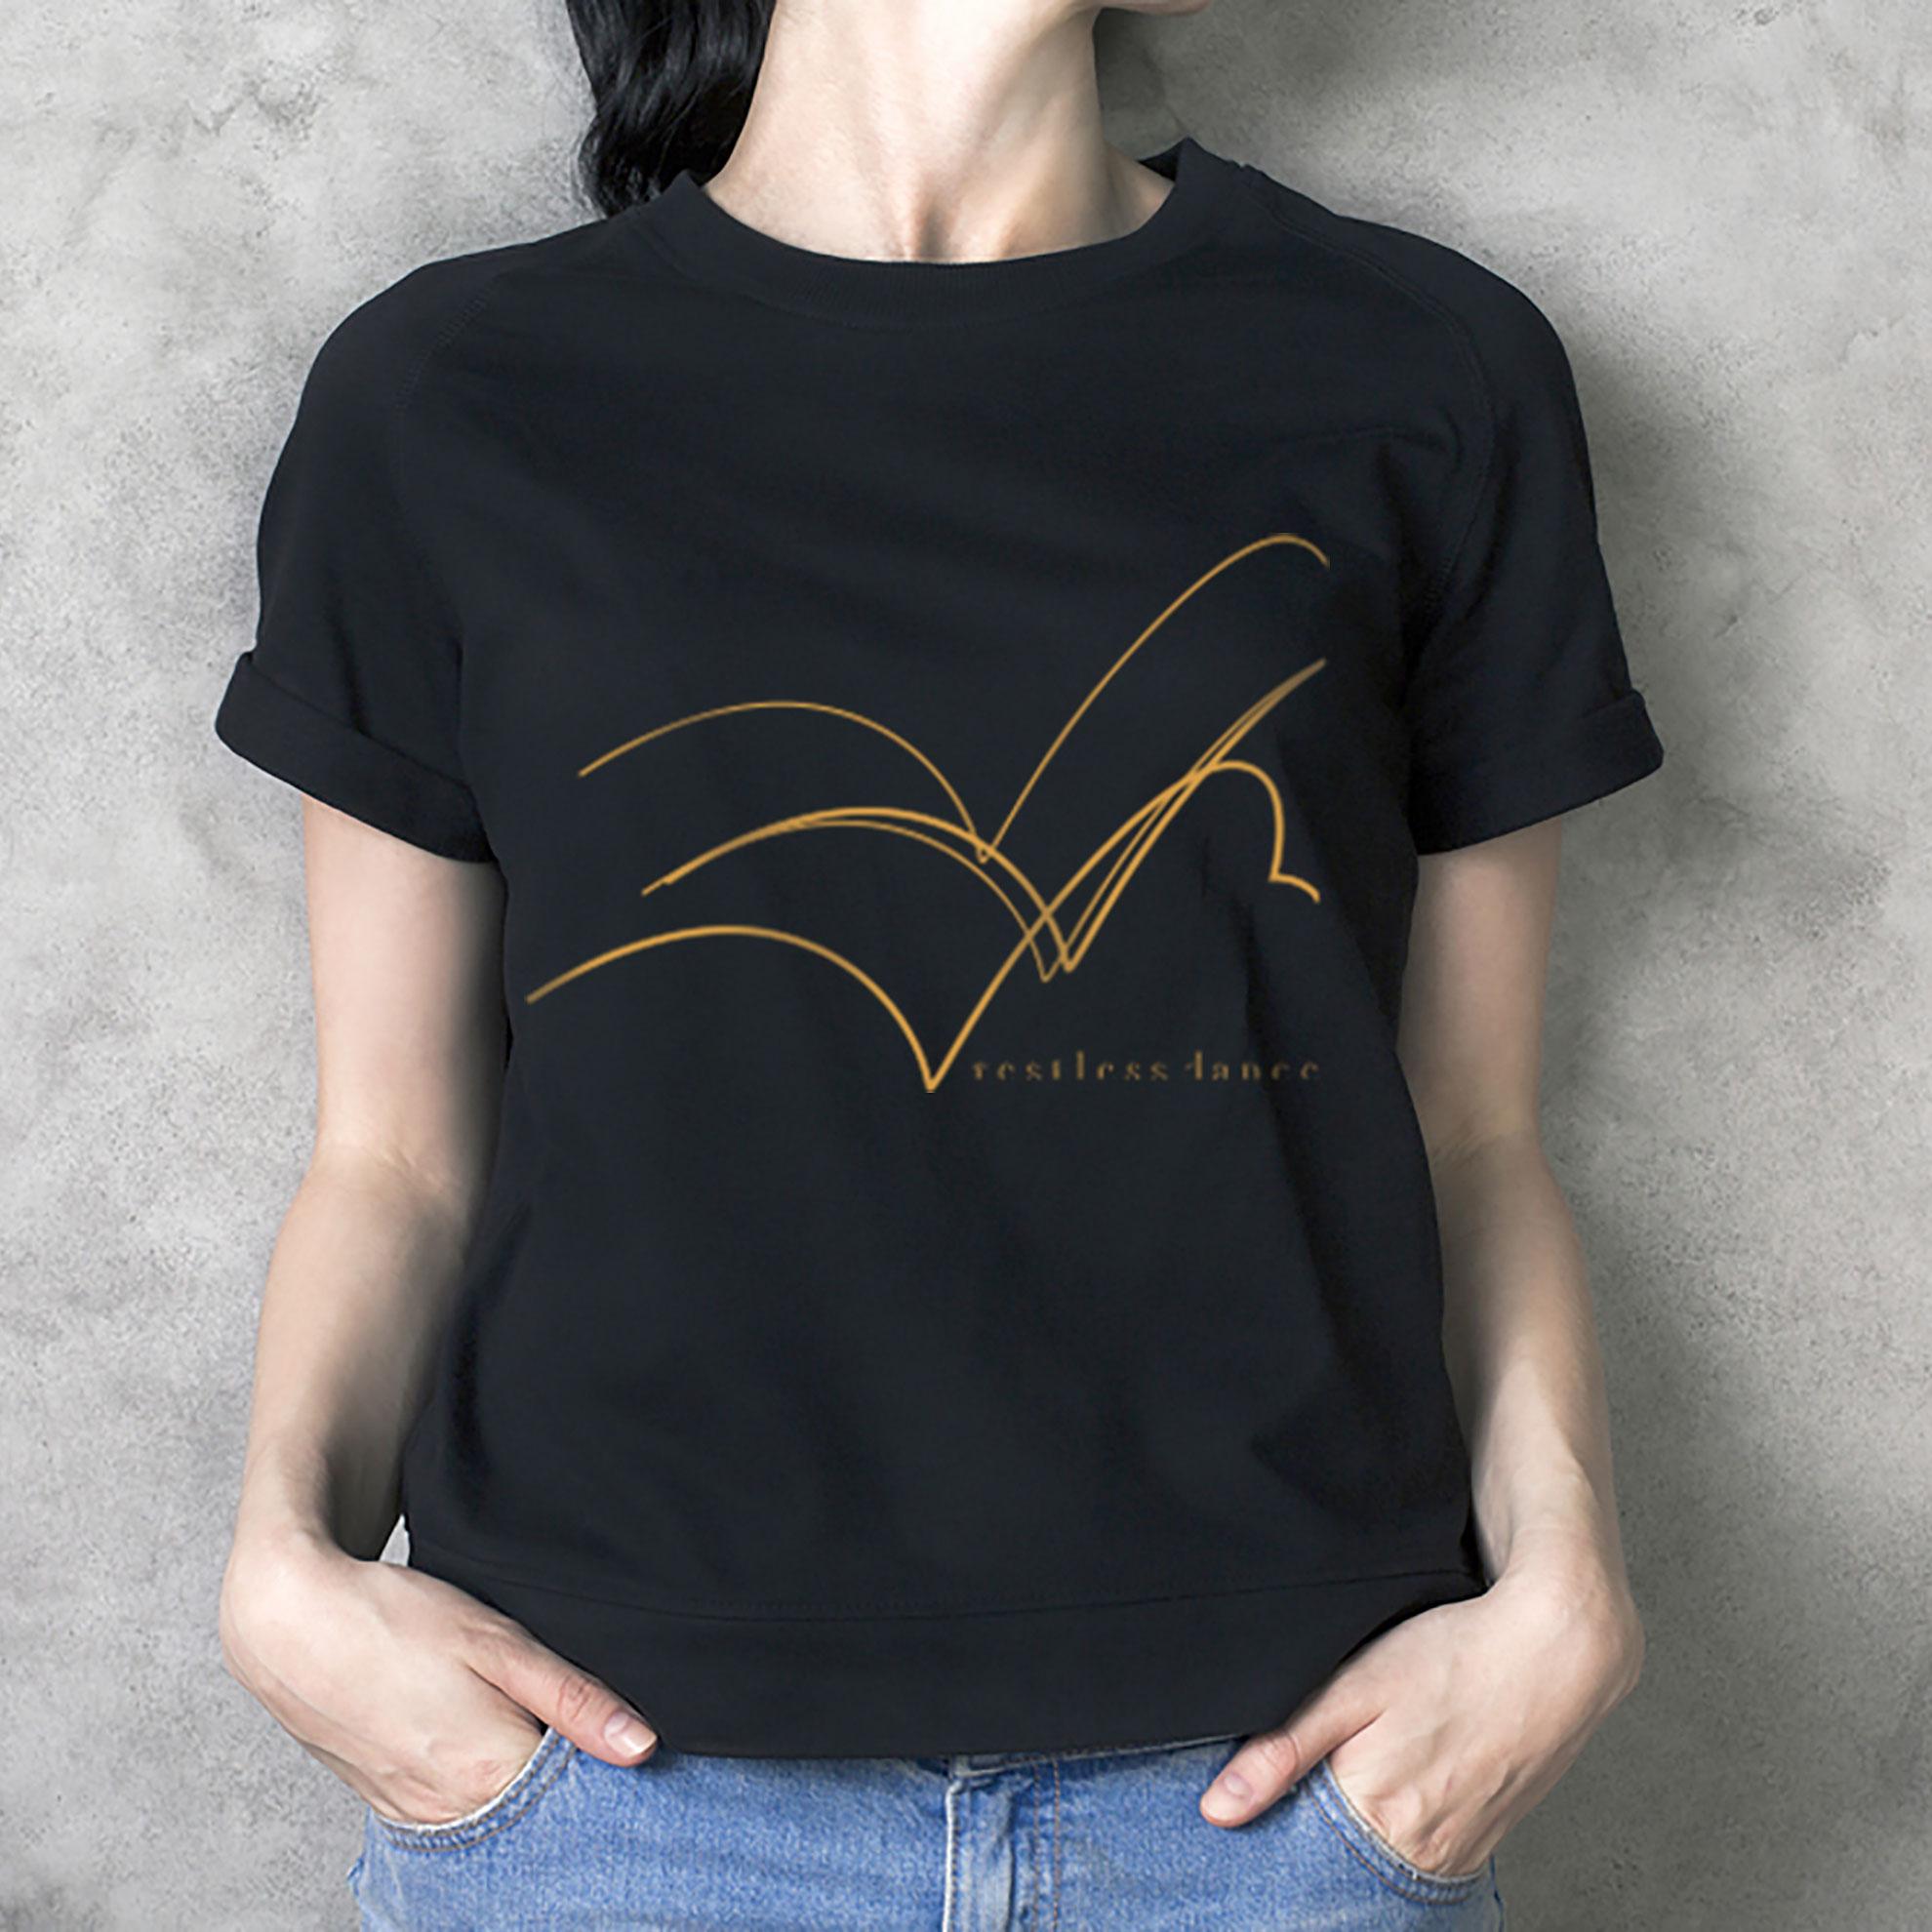 Restless T shirt